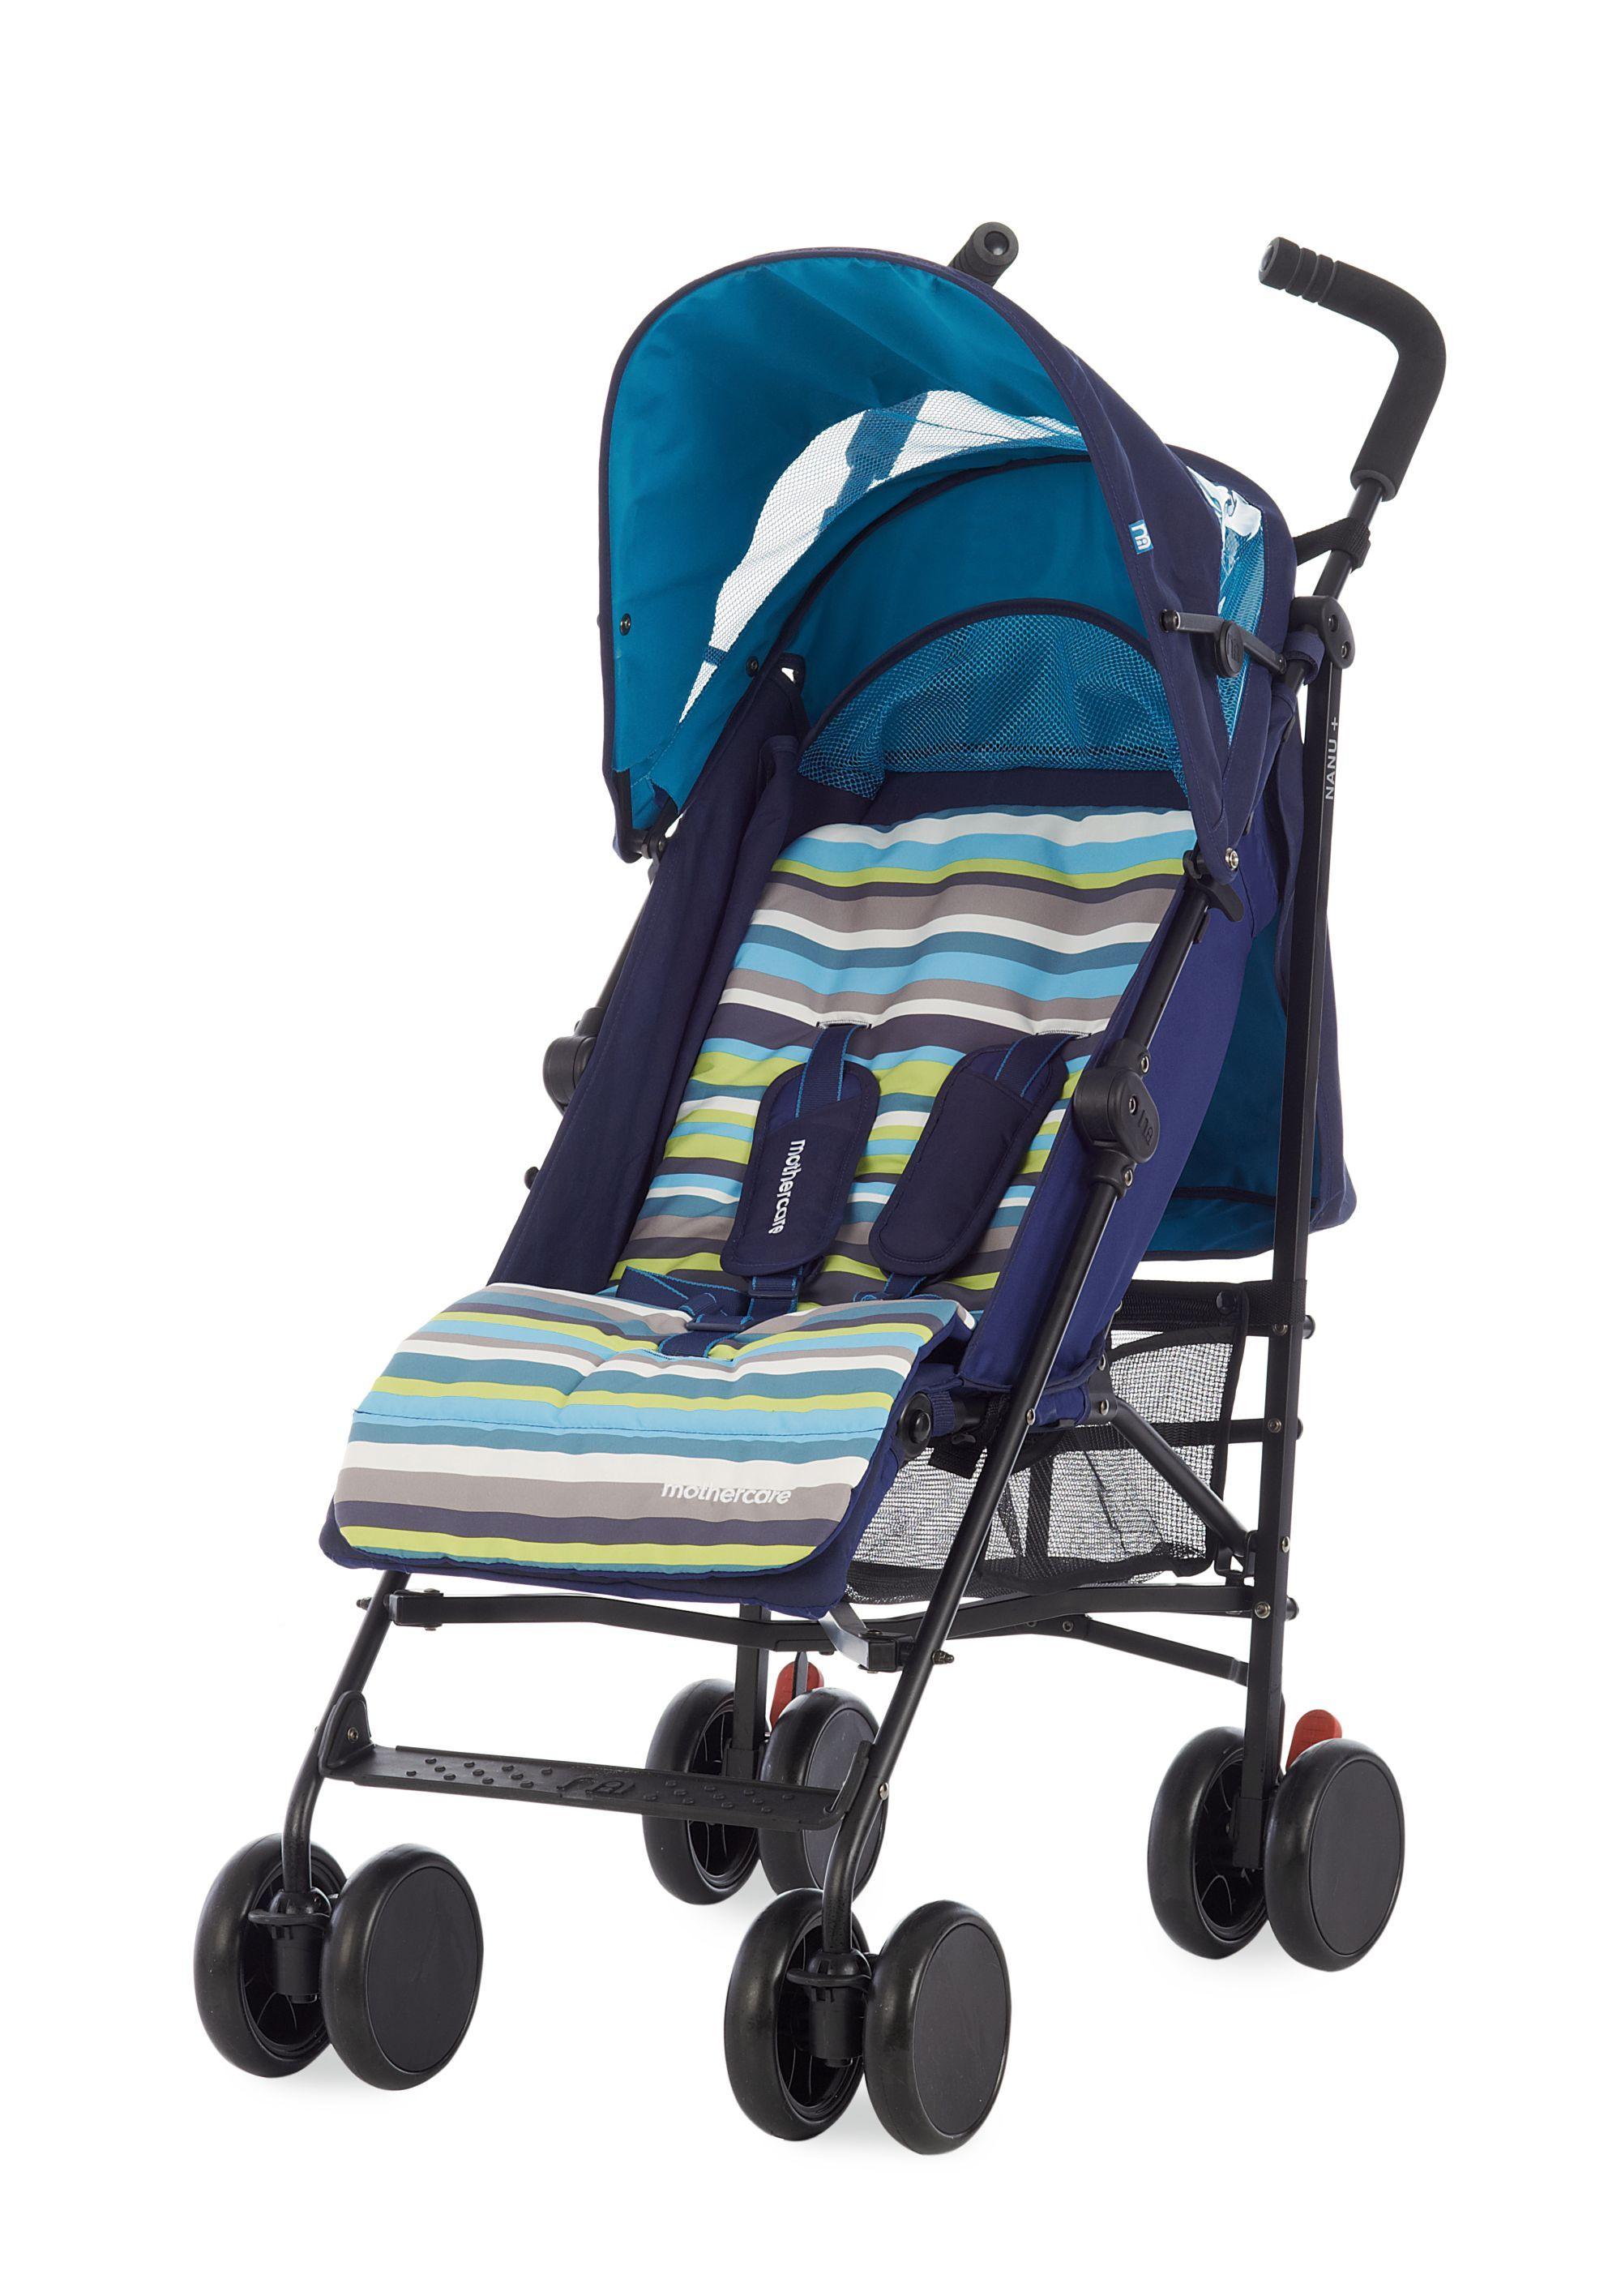 Mothercare Nanu+ Stroller Blue Stripes Stroller